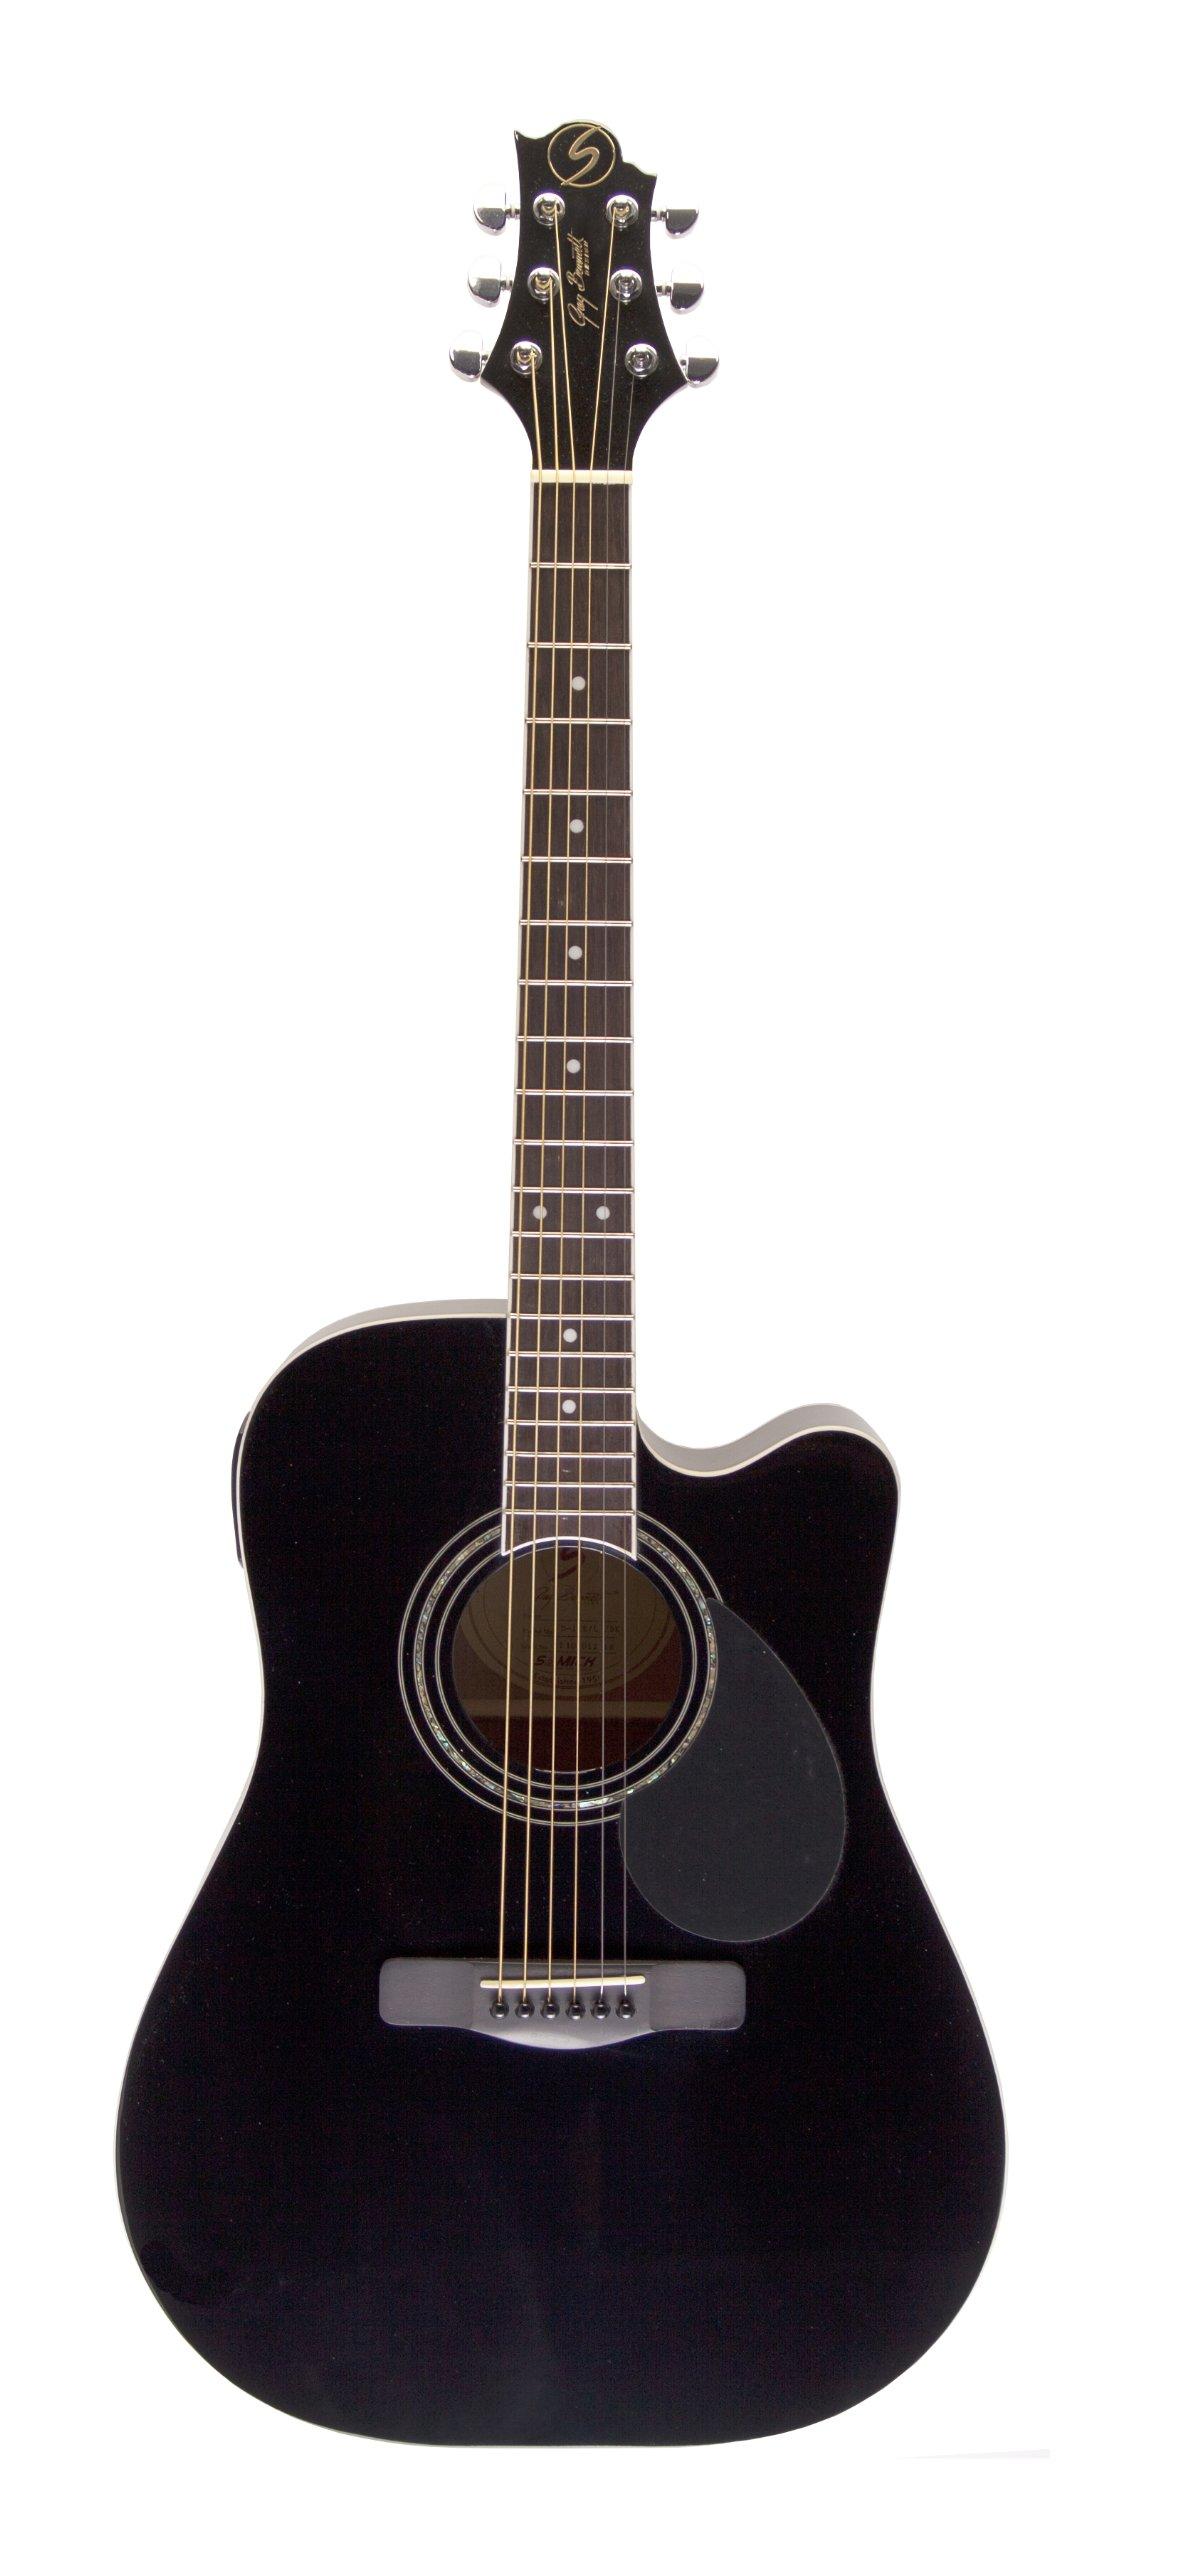 Samick Greg Bennett Design D1CE Acoustic Guitar, Black by Samick